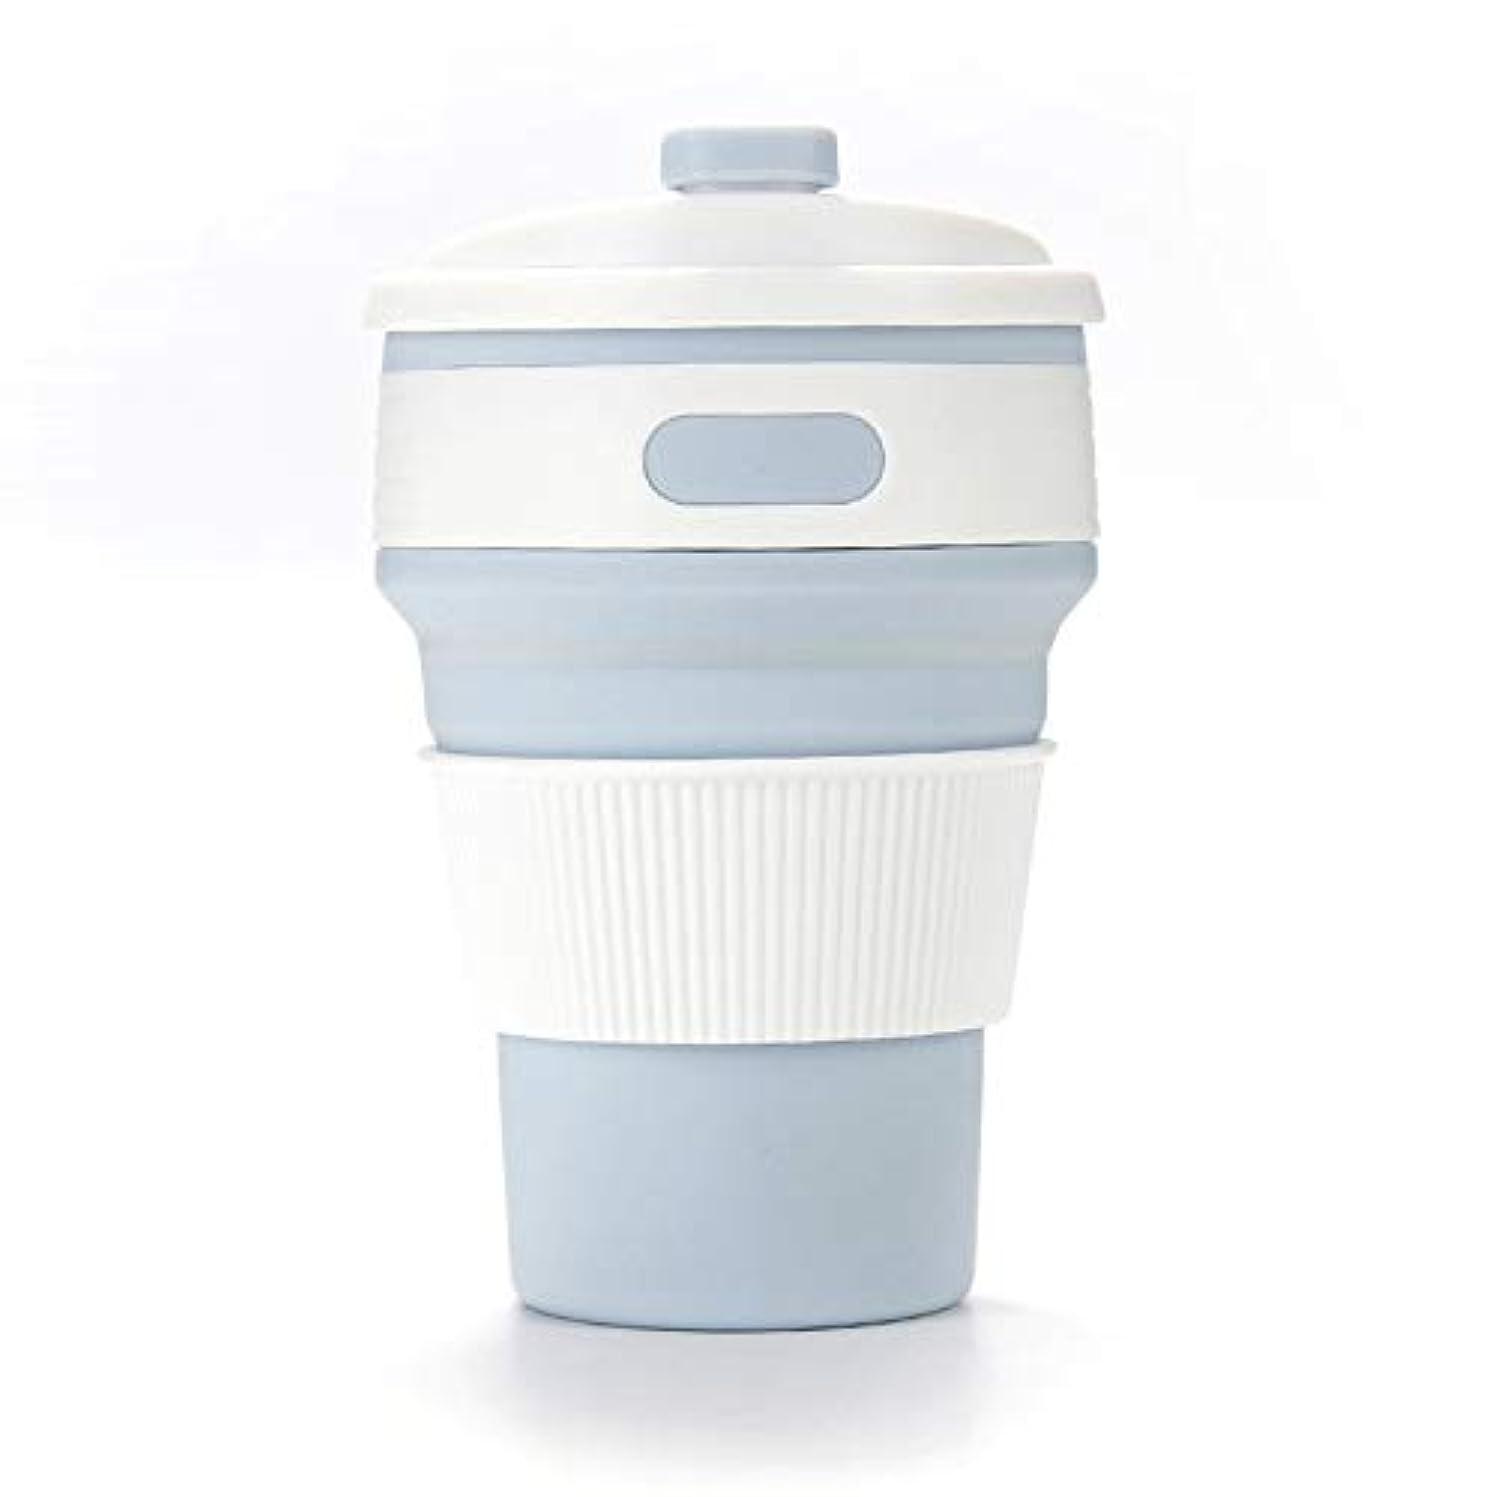 恐怖応じる合図折りたたみシリコンコーヒーカップ再利用可能な折り畳みマグカップポータブルトラベルカップ漏れ防止ウォーターカップホームオフィス旅行 (色 : ライト?ブラウン)